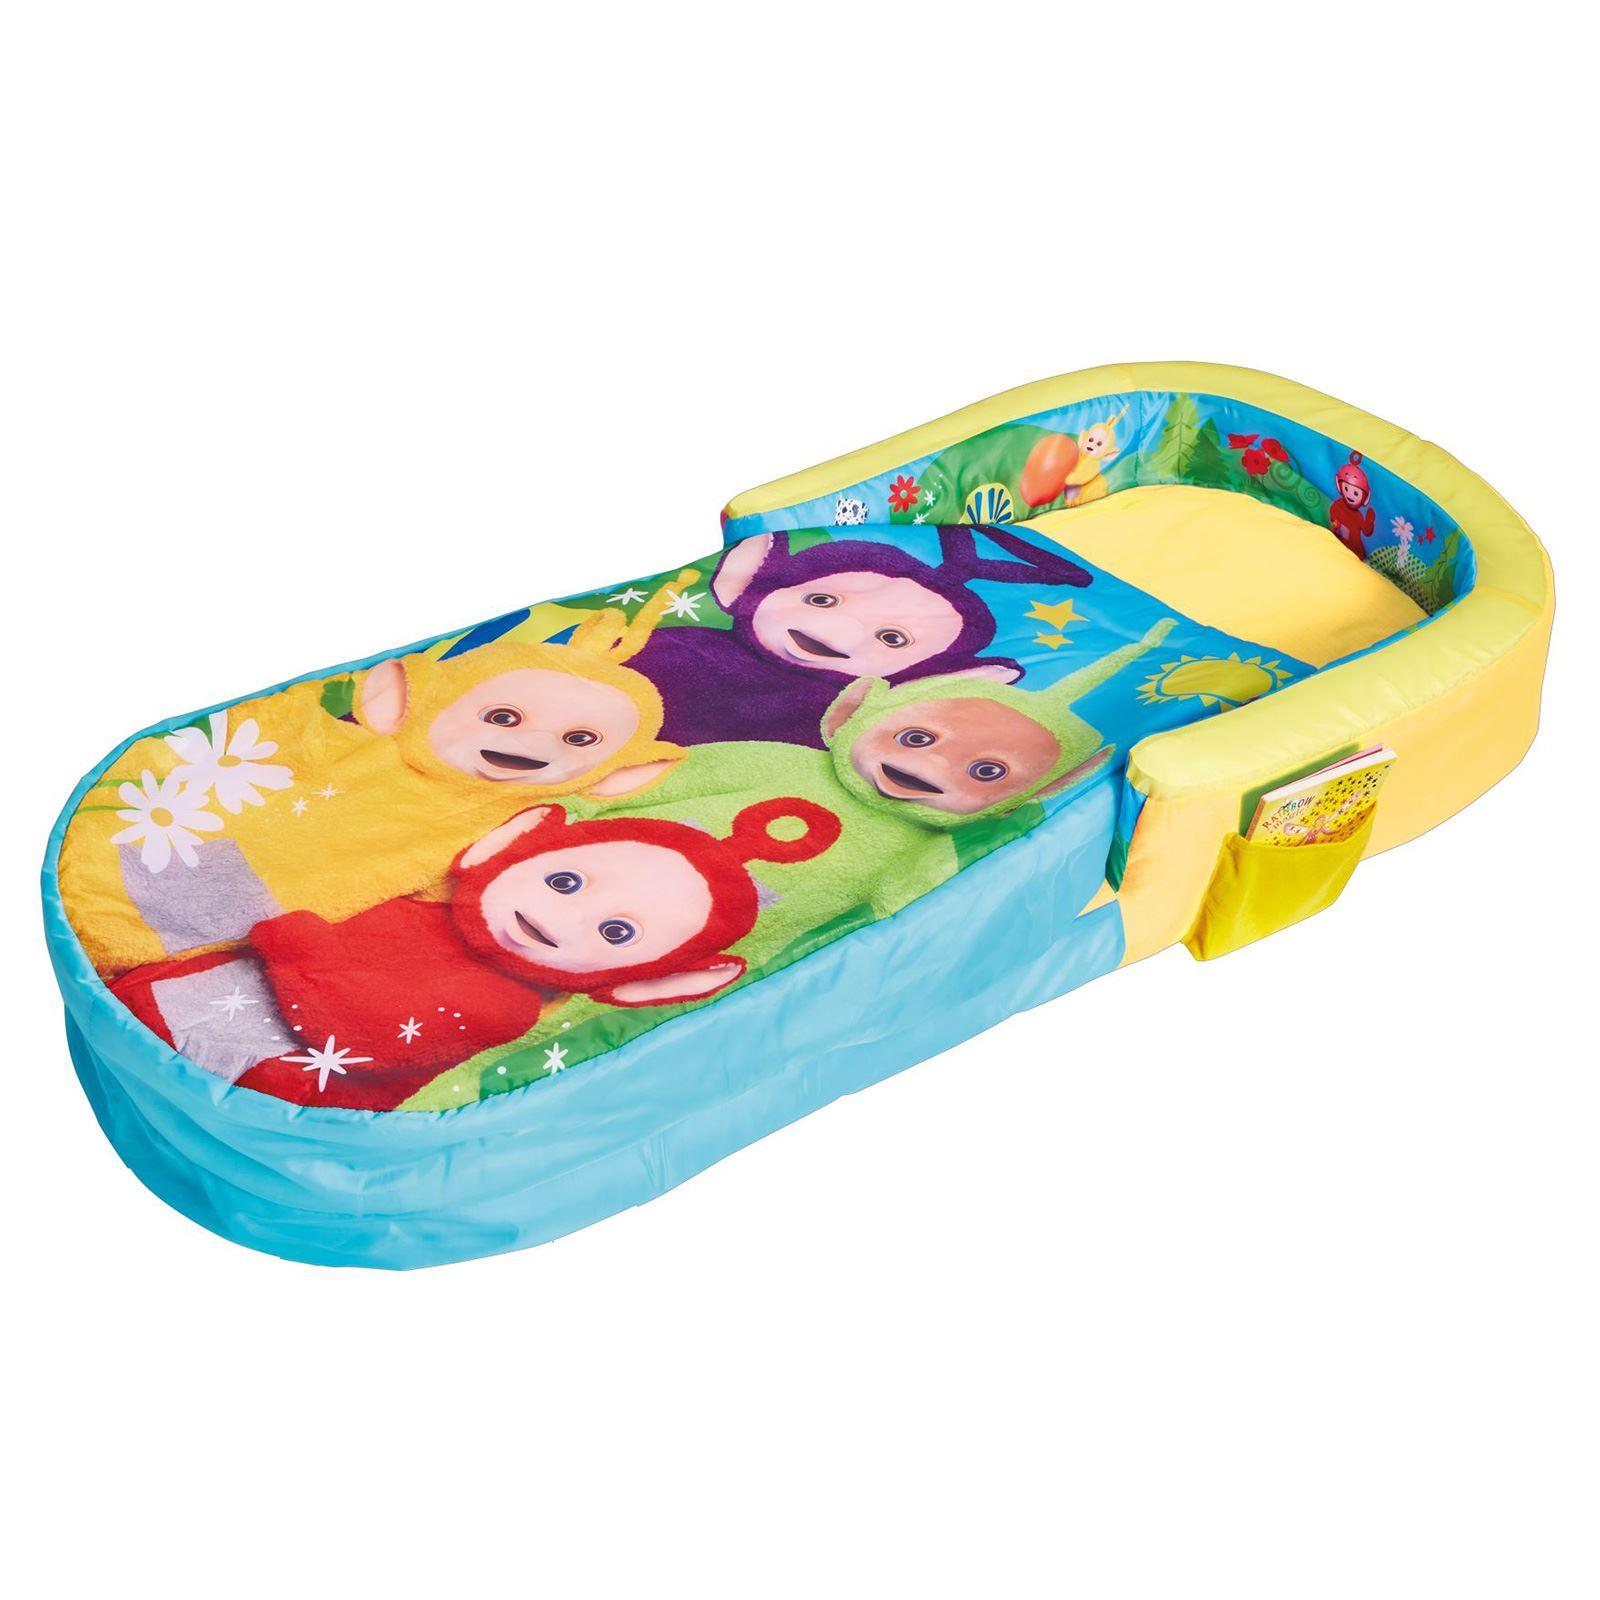 Enfants lit pr t gonflable air lits id al pour camping soir es pyjama ebay - Lit enfant gonflable ...